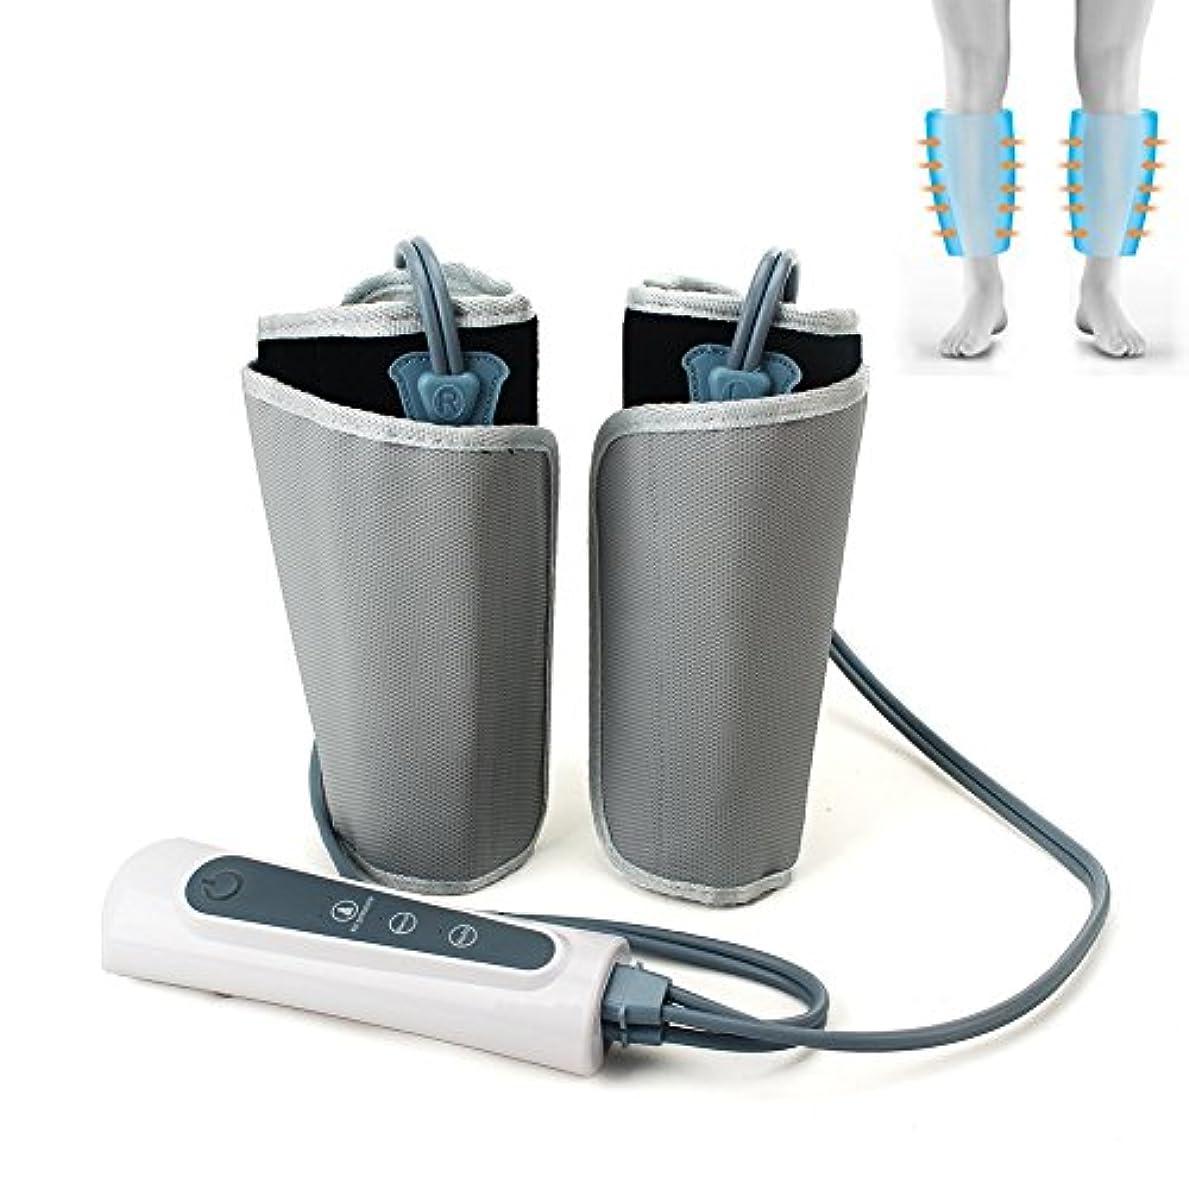 生マニフェスト調べるRanBow エアーマッサージャ 3D 四肢 腰 二の腕 腕 太もも レッグ ふくらはぎ 脚 フット 気圧 エア あんま 自動モード 手動モード 3階段のレベル 家庭用 充電式 人気 器具 マッサージ 機 器 マッサージャー 黒